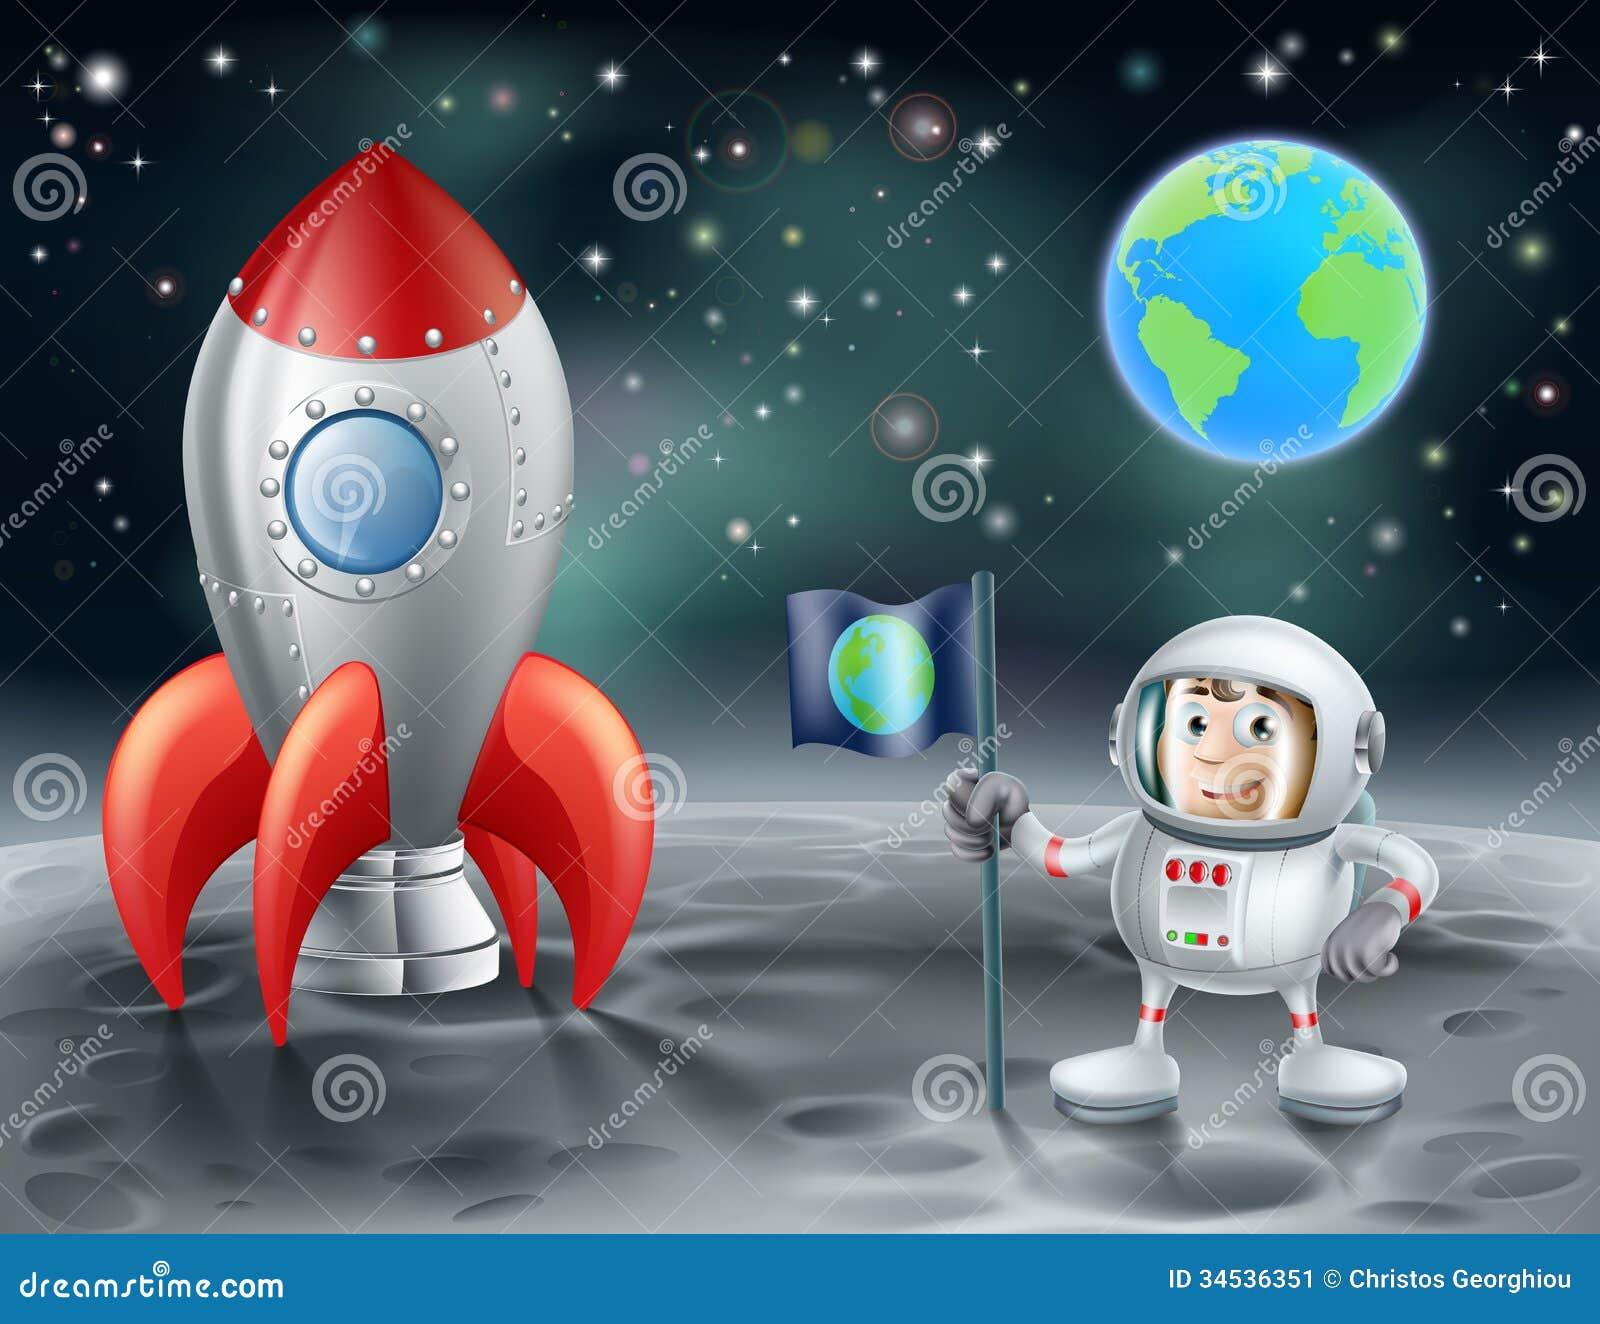 Рисунки с луной и космонавтом